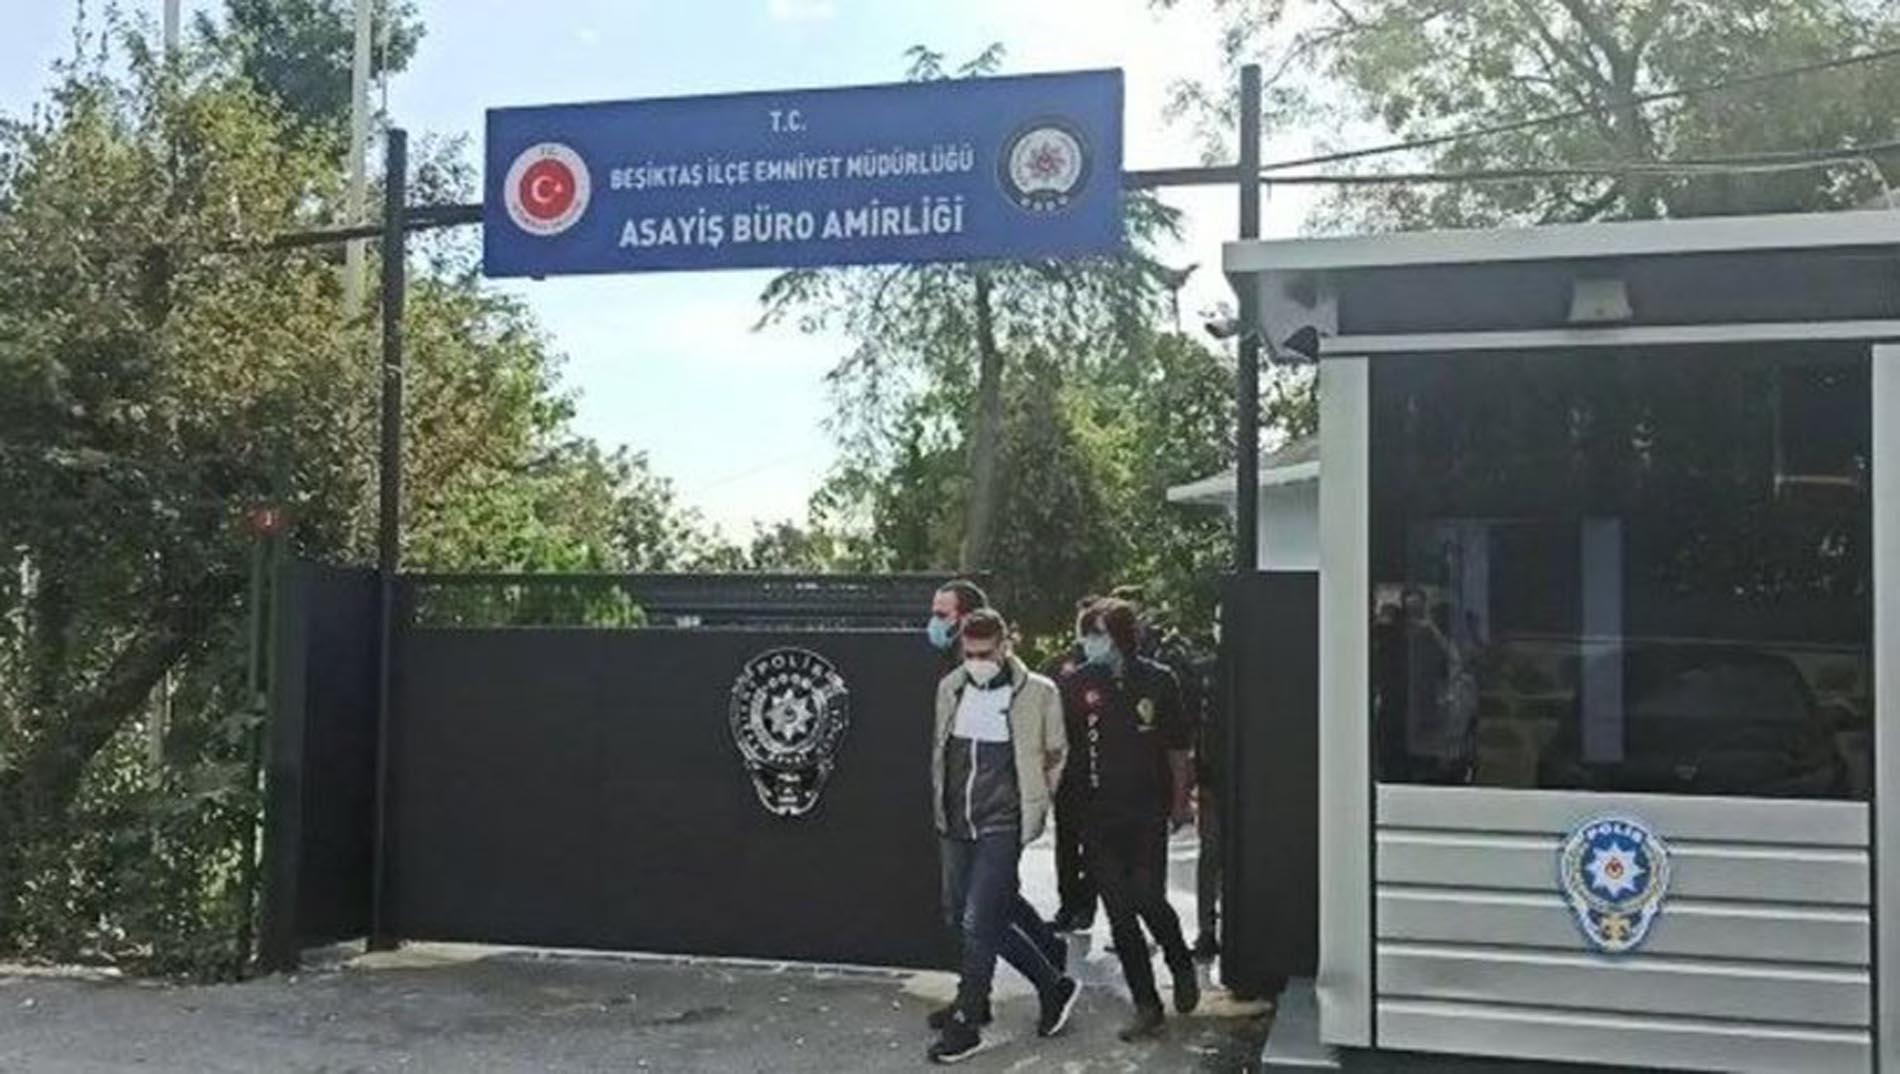 Tur ücretini fazla buldular, Beşiktaş'daki teknede dehşet saçtılar!